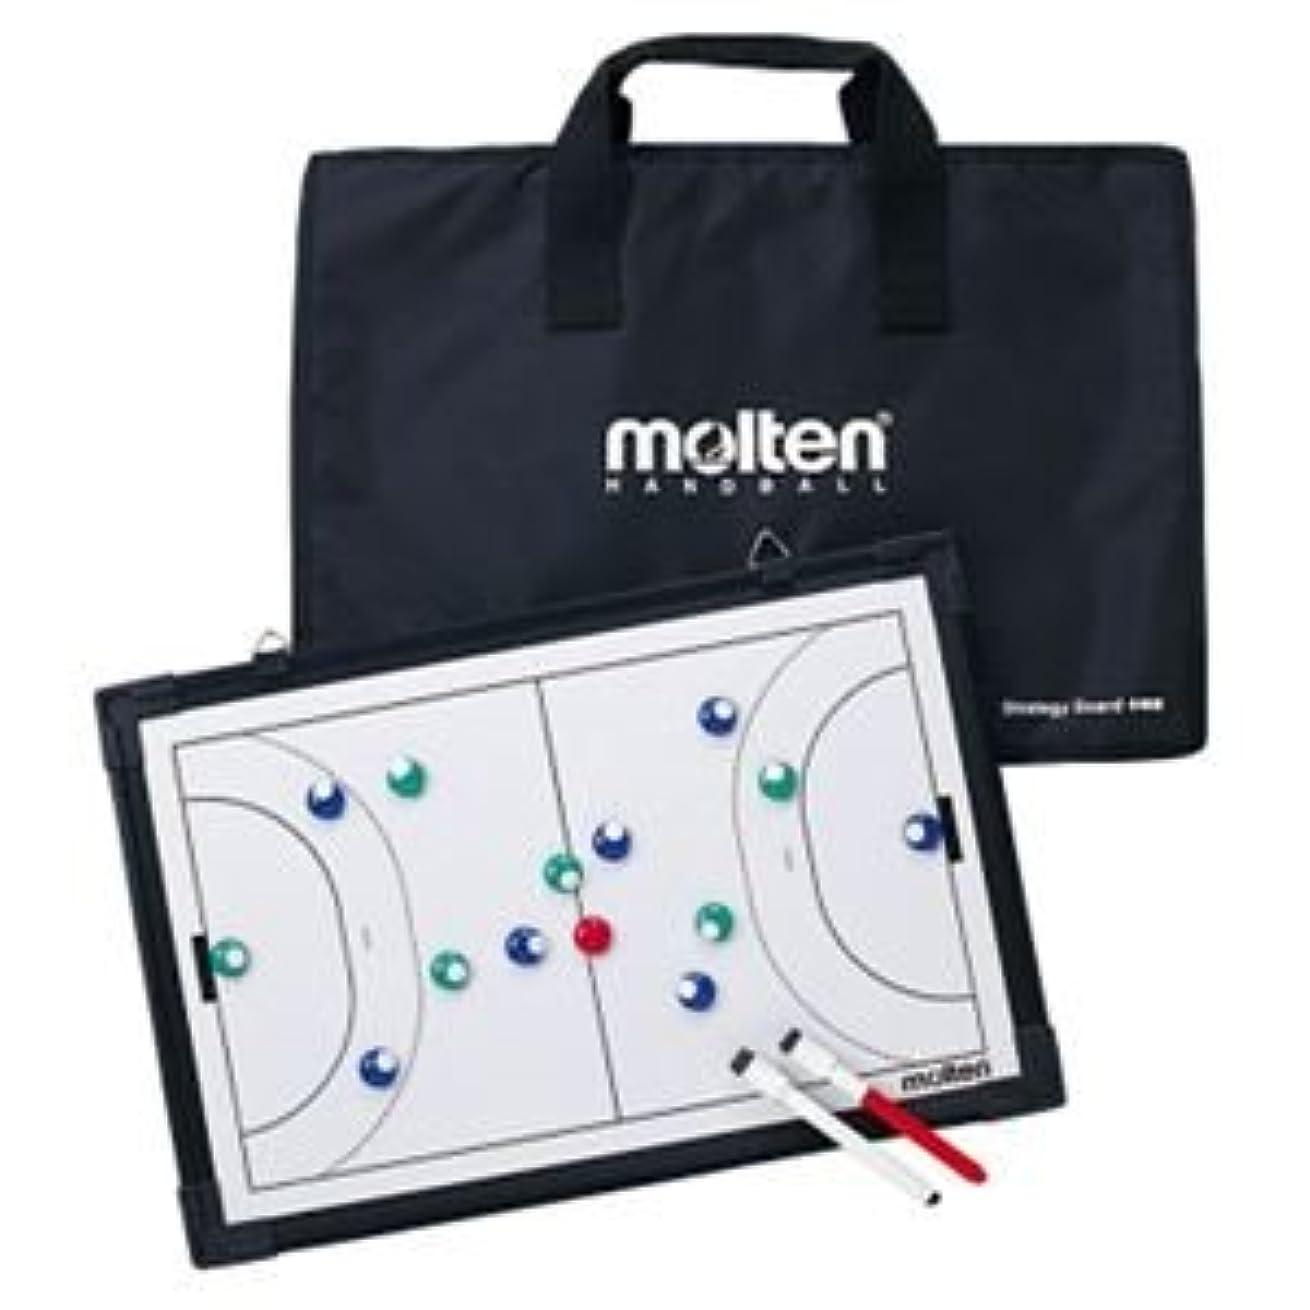 吹きさらしレシピ課税モルテン(Molten) ハンドボール作戦盤 MSBH